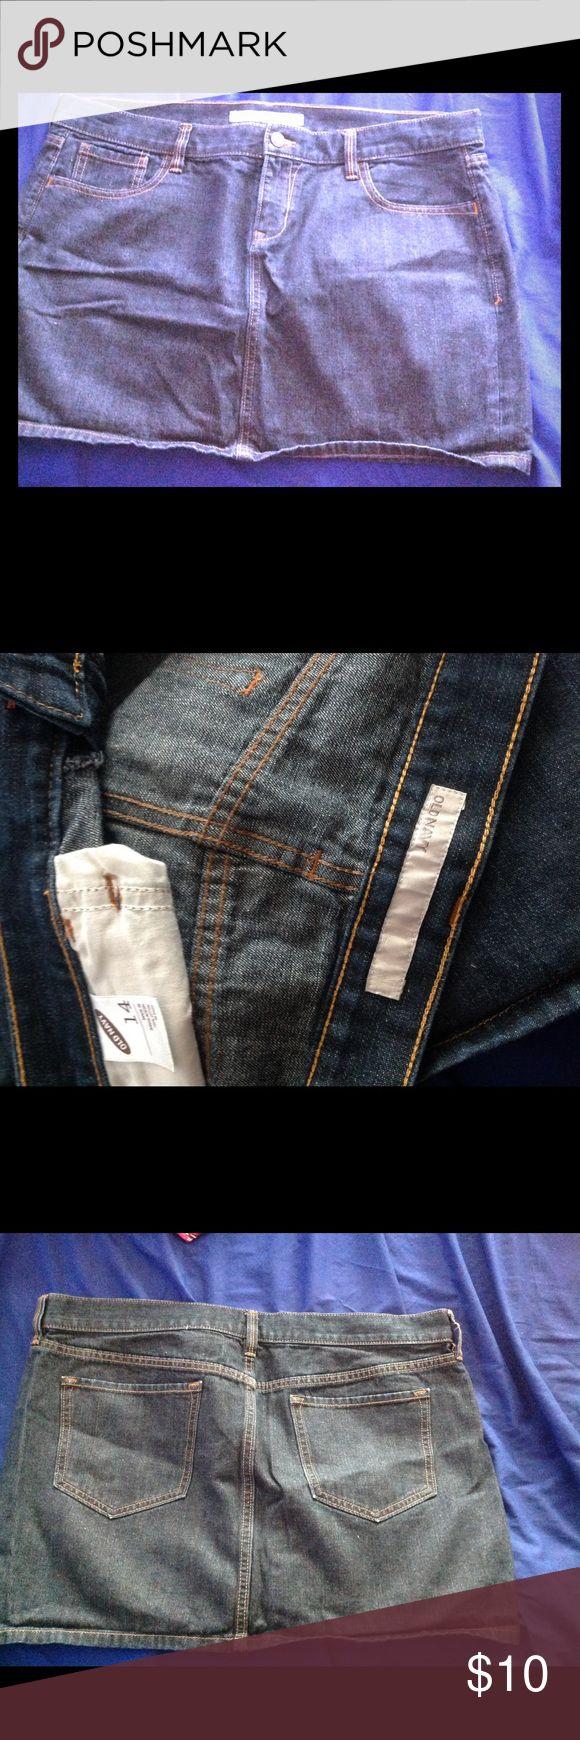 Old Navy jean skirt dark wash Old Navy Jean mini skirt dark wash size 14 Old Navy Jeans